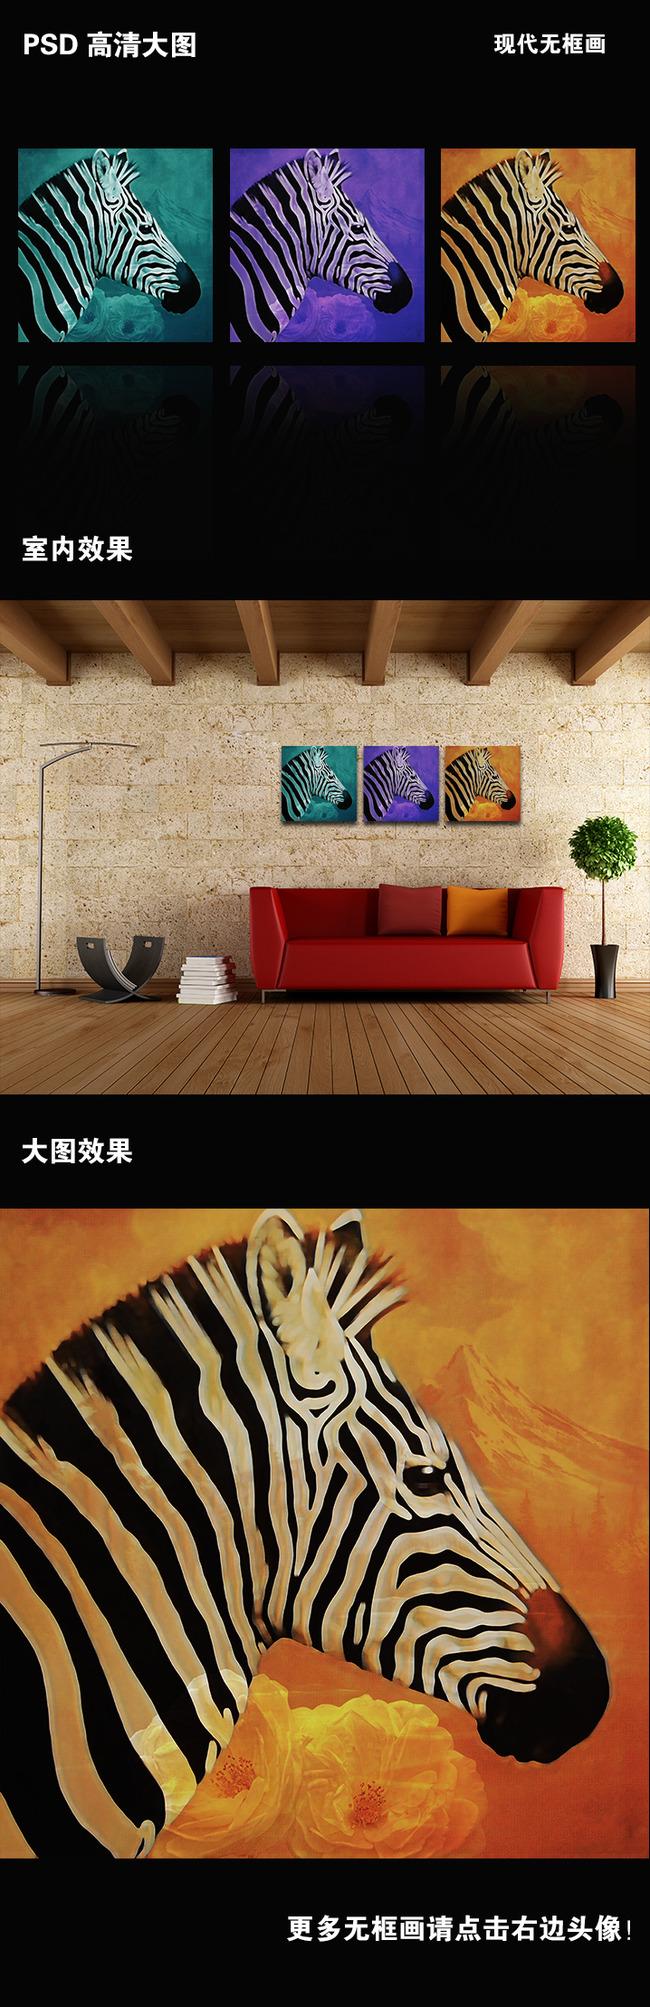 高清油画斑马模板下载(图片编号:11460568)_动物图案